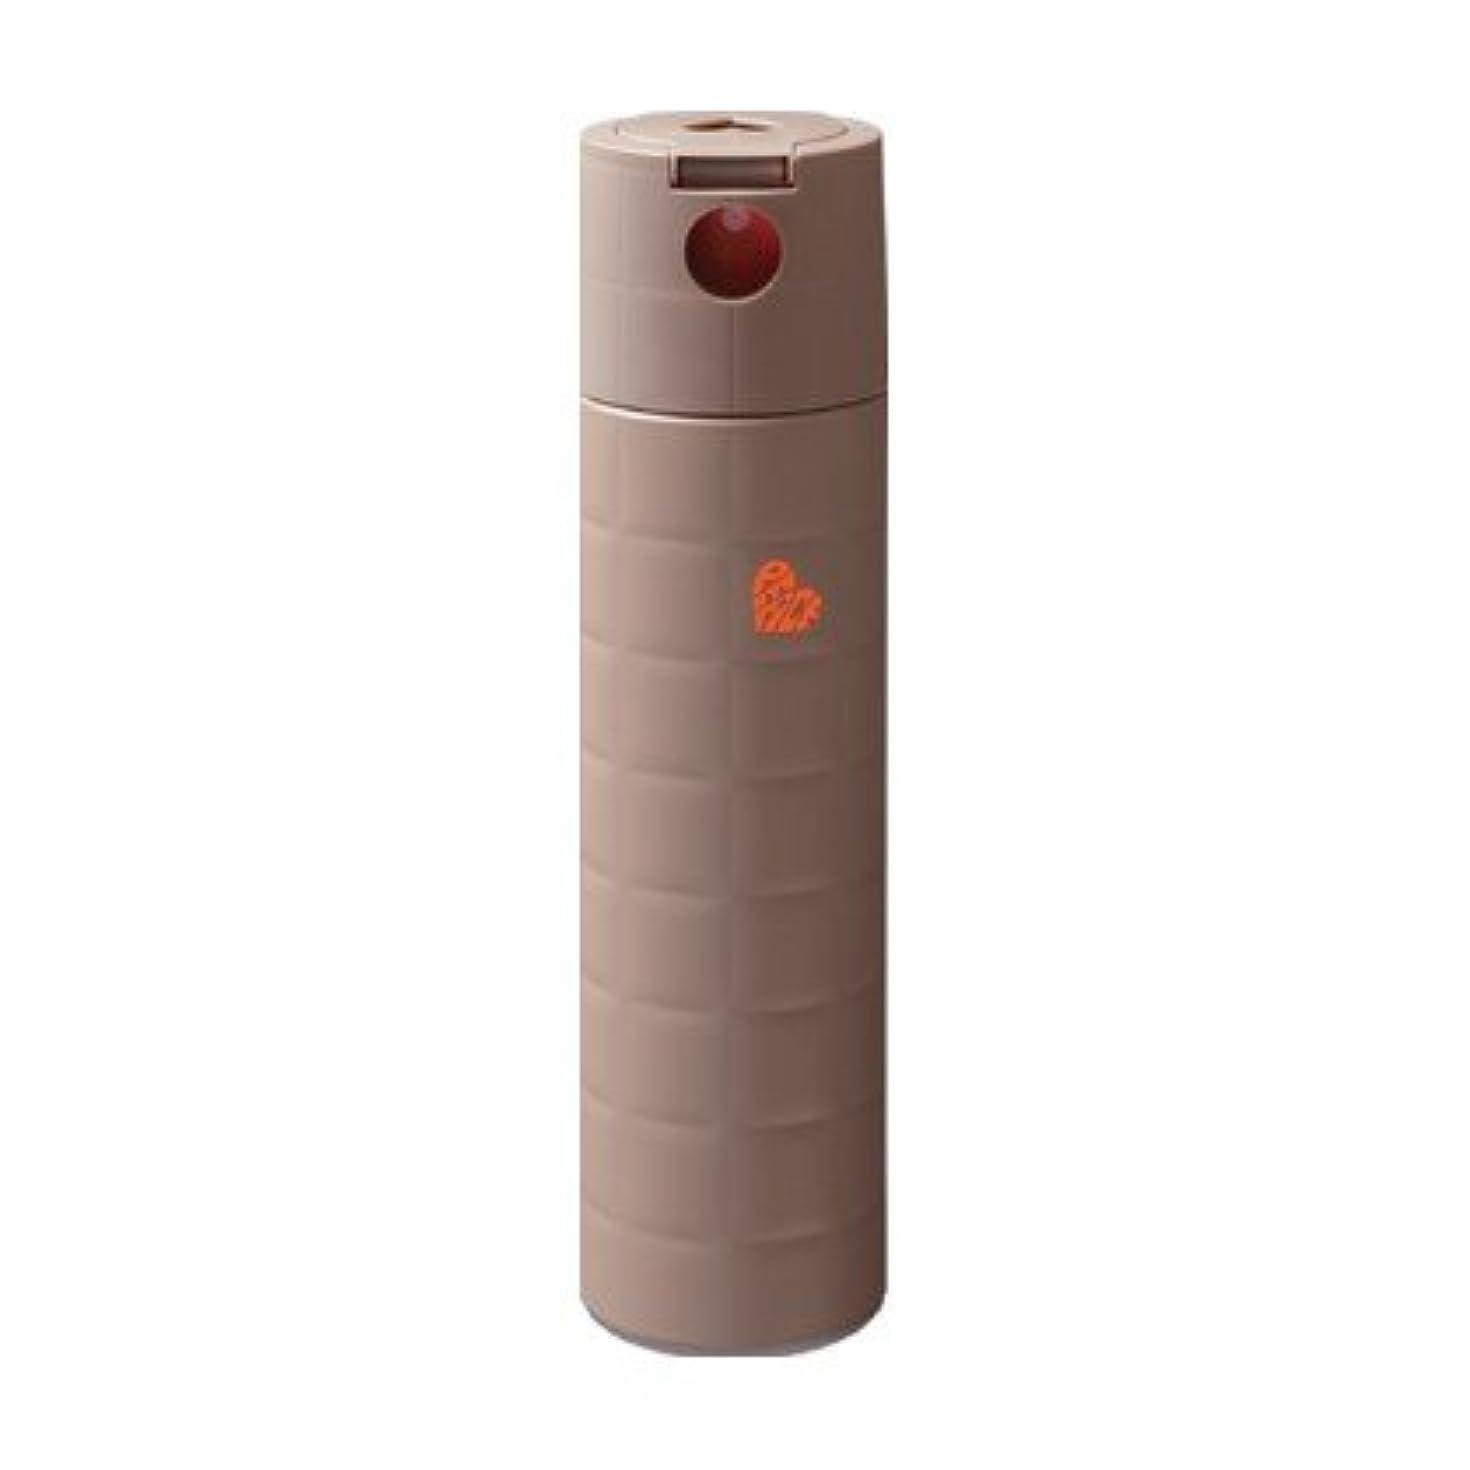 落ち着く有効ボイドアリミノ ピース ワックスspray カフェオレ 143g(200ml) スプレーライン ARIMINO PEACE